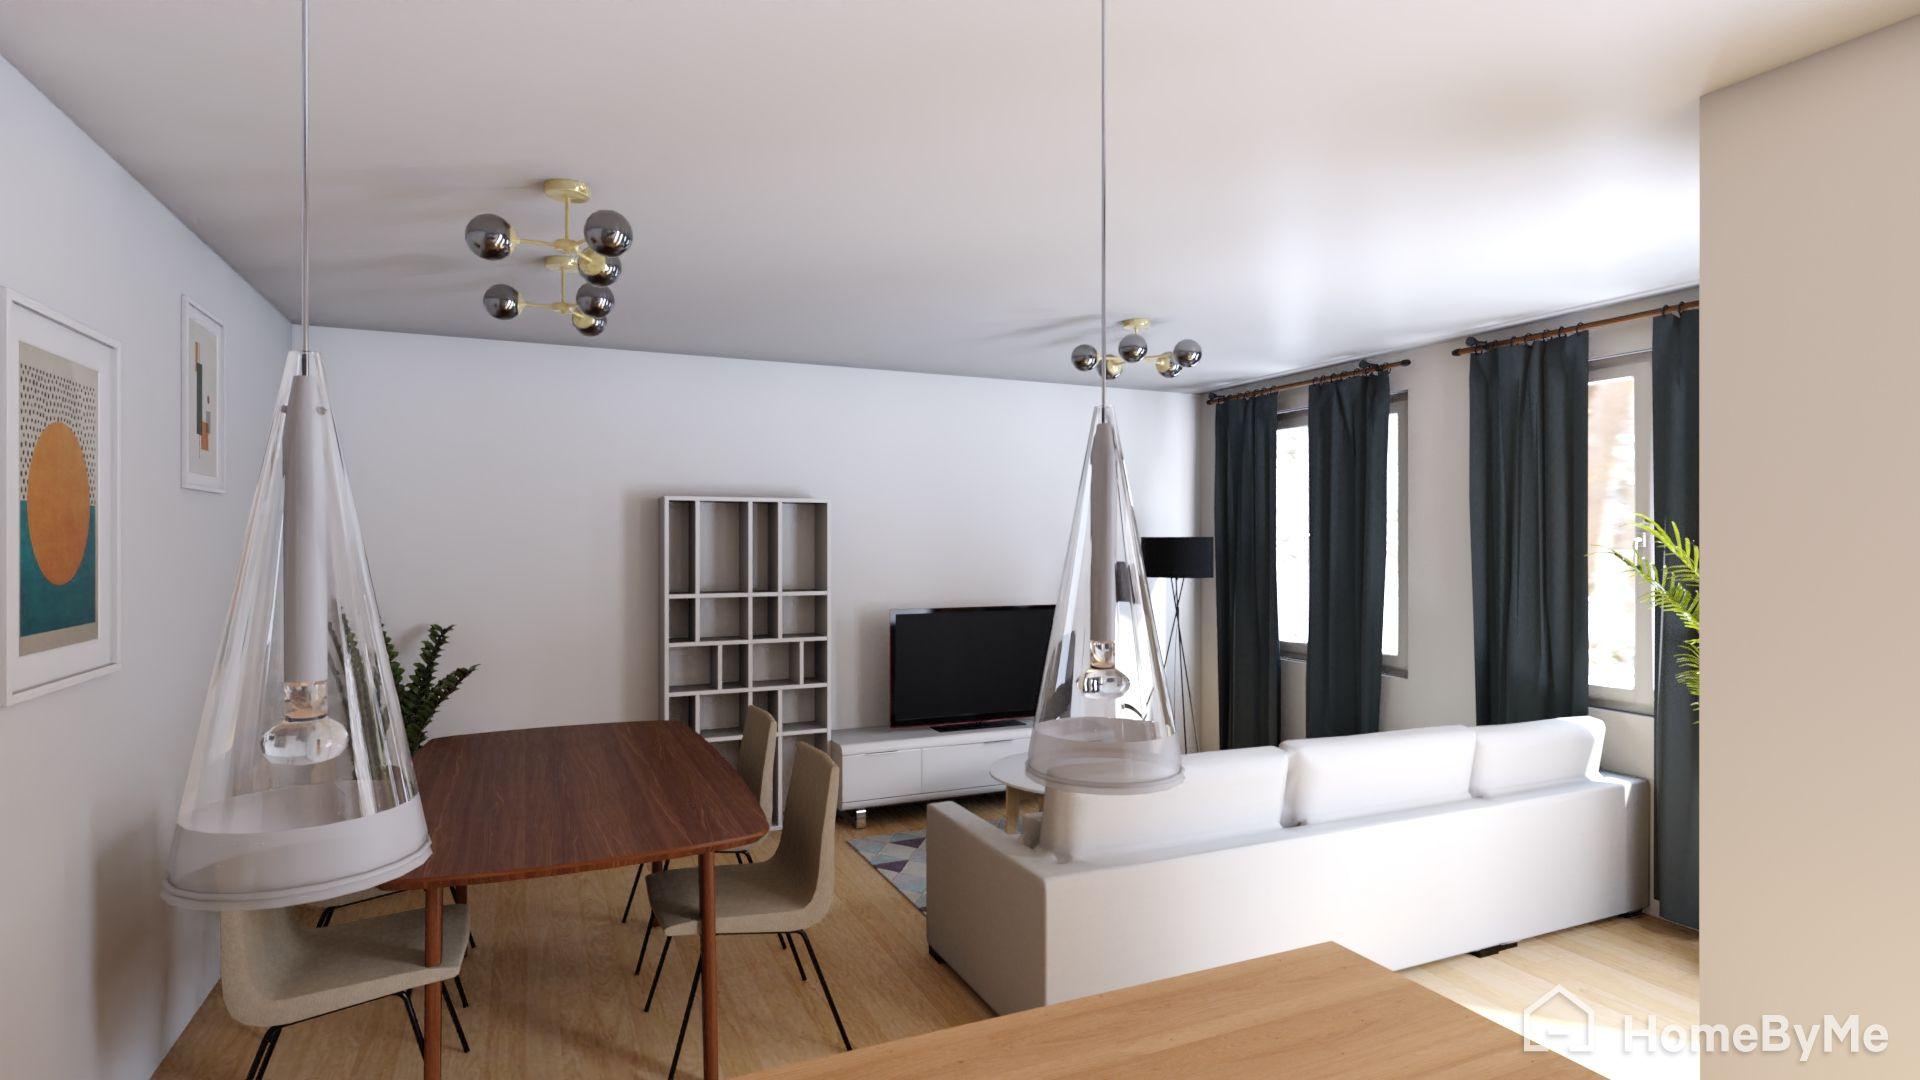 Náš nový byt v novostavbě - Zkoušela jsem, jak se vejdeme :D